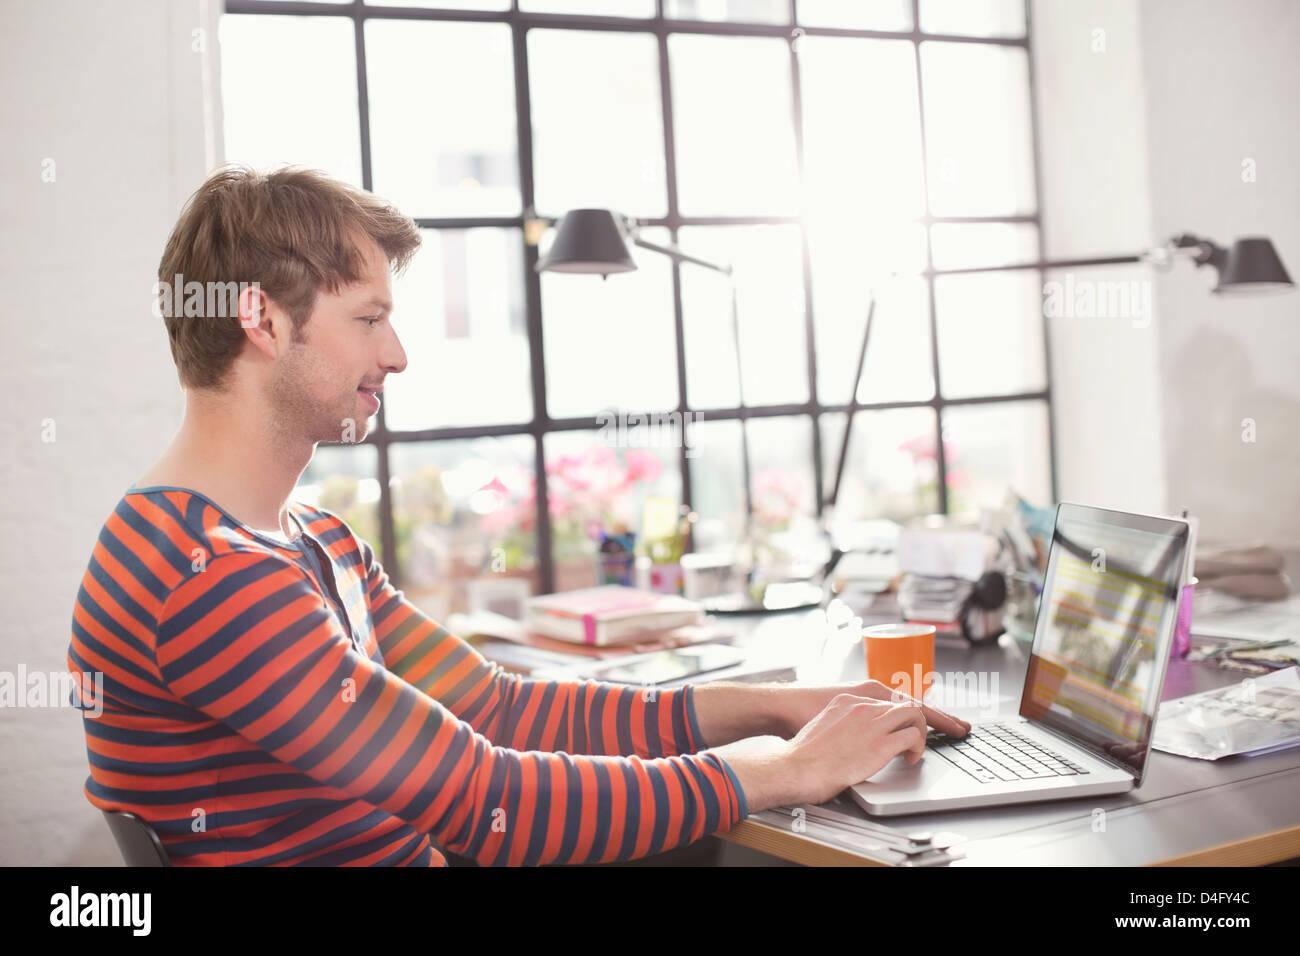 Uomo con notebook alla scrivania Immagini Stock